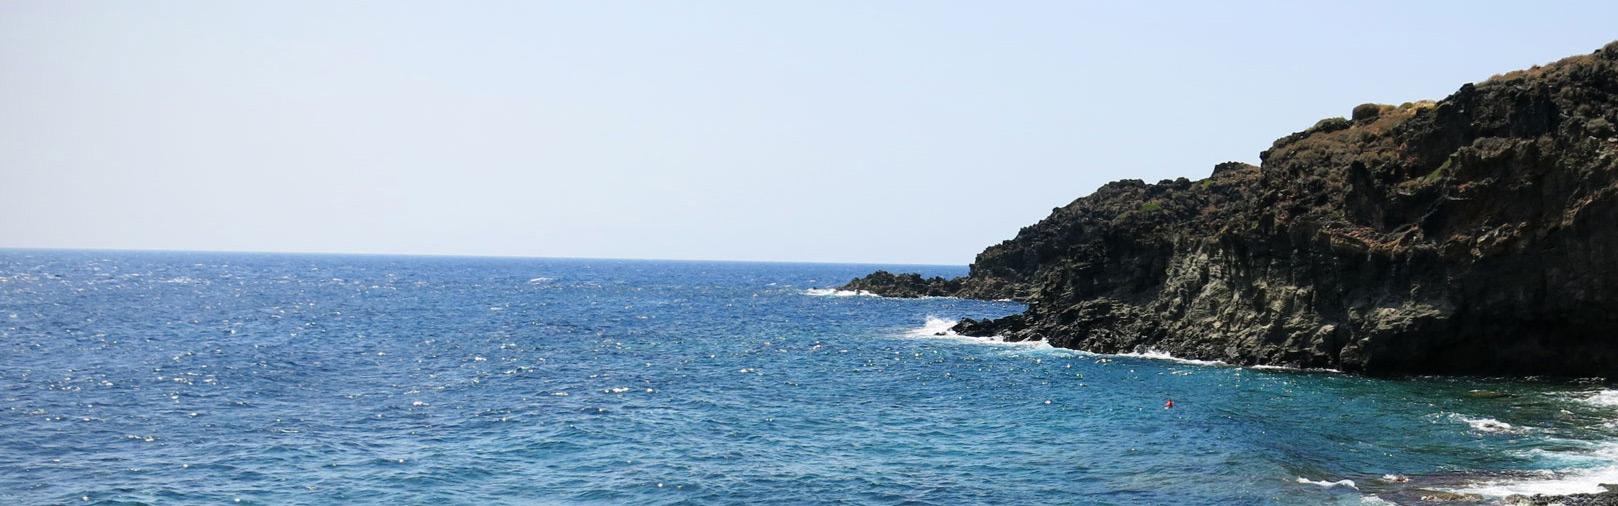 Consultazione Perforare ricarica  Cala Nikà Pantelleria - Cale e Spiagge dell'isola di Pantelleria